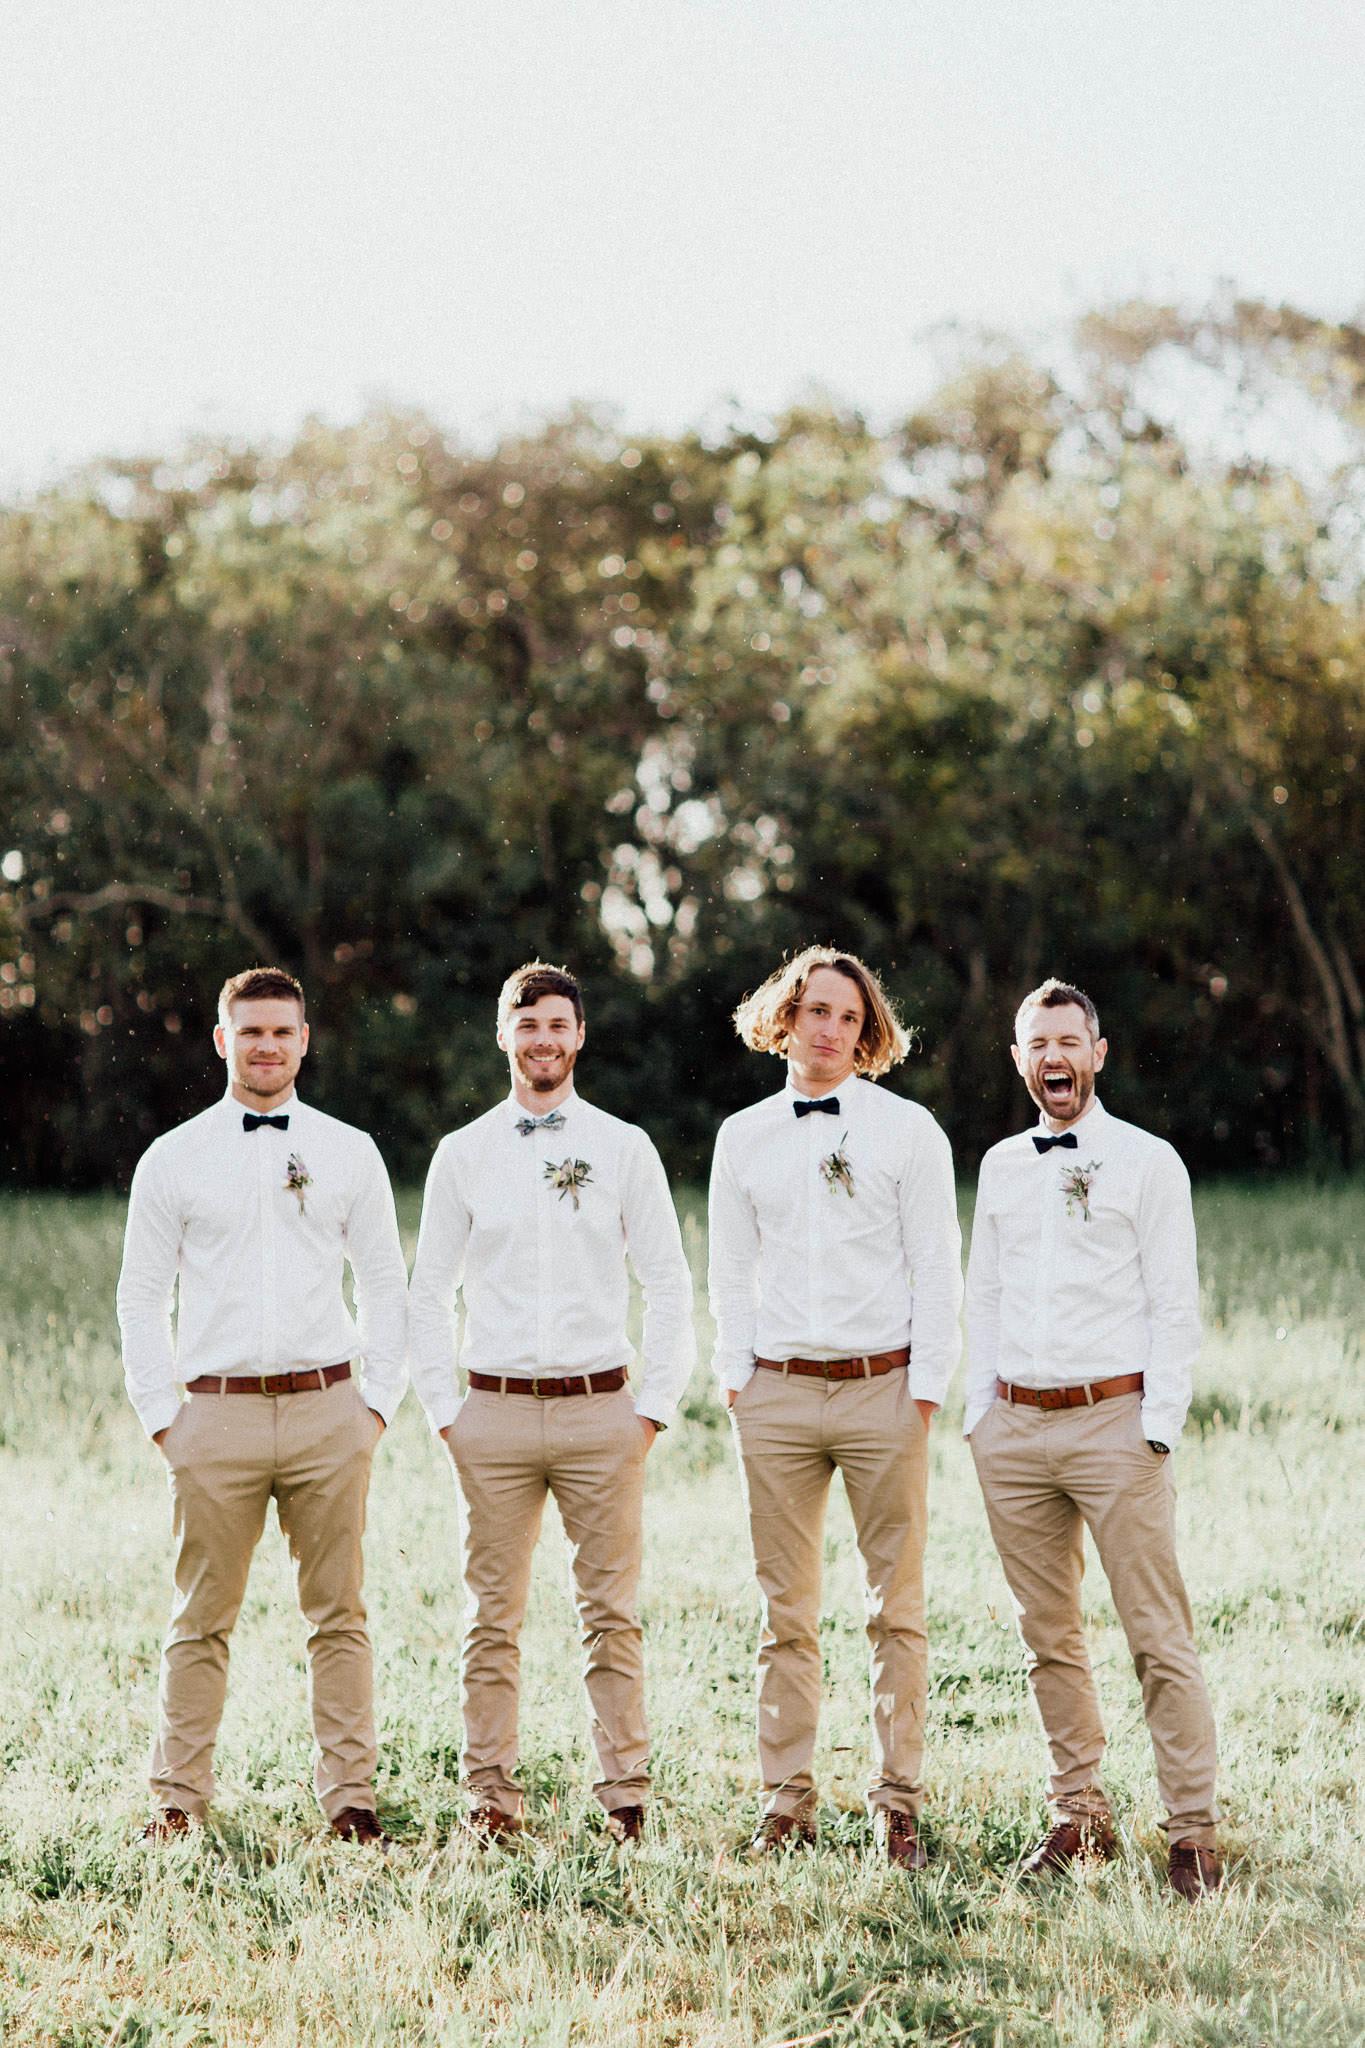 WeddingPhotos_Facebook_2048pixels-1534.jpg